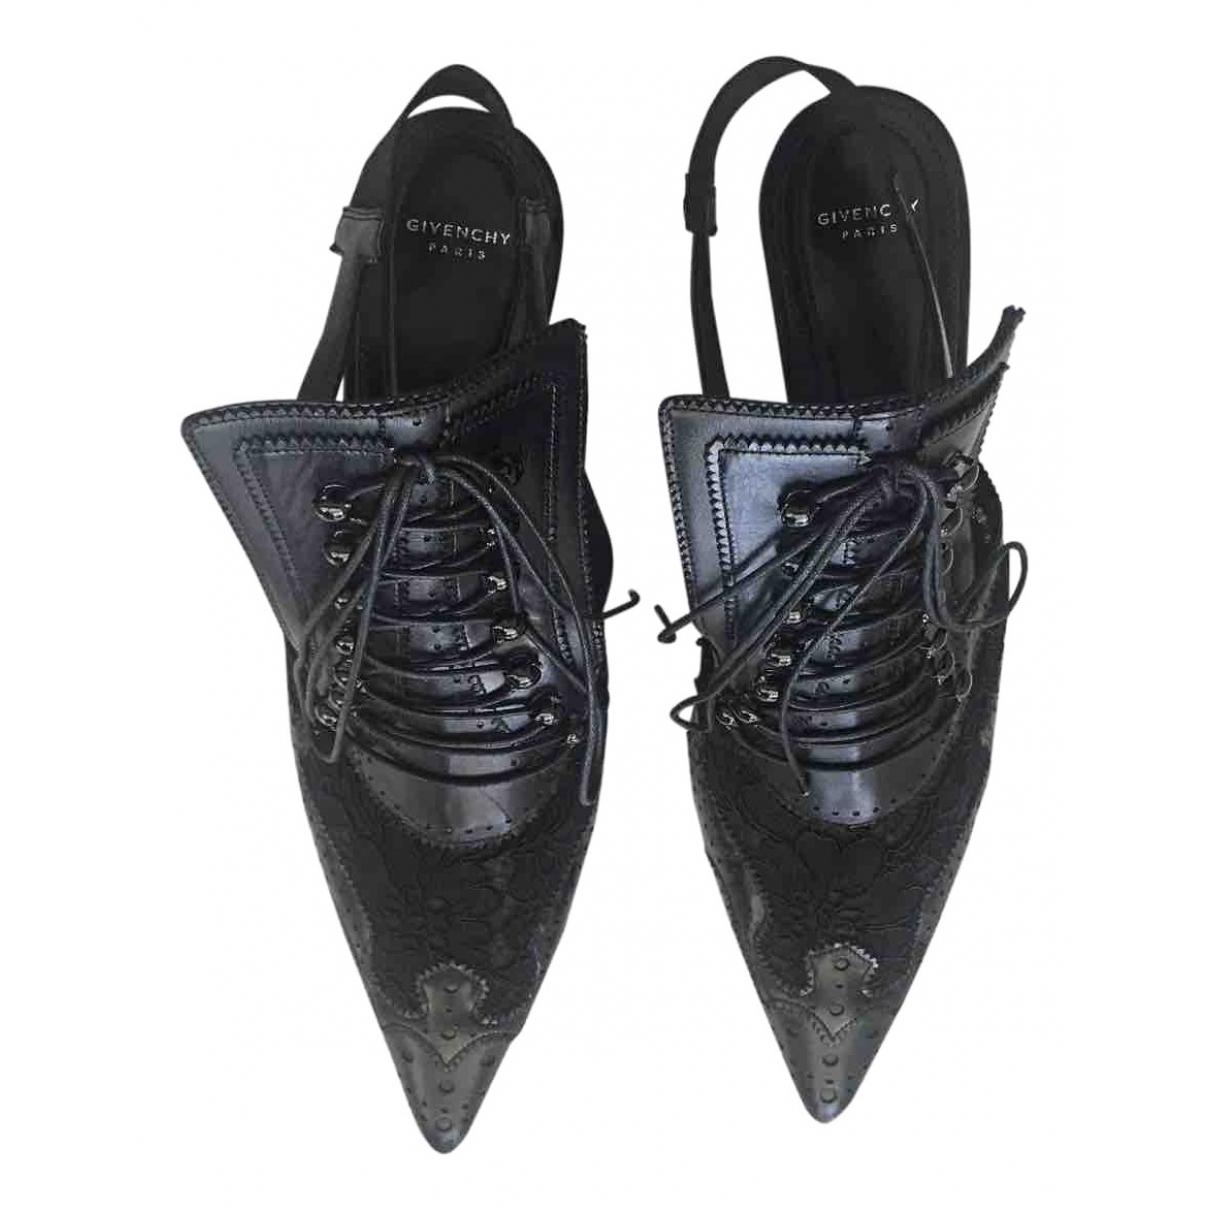 Tacones de Cuero Givenchy